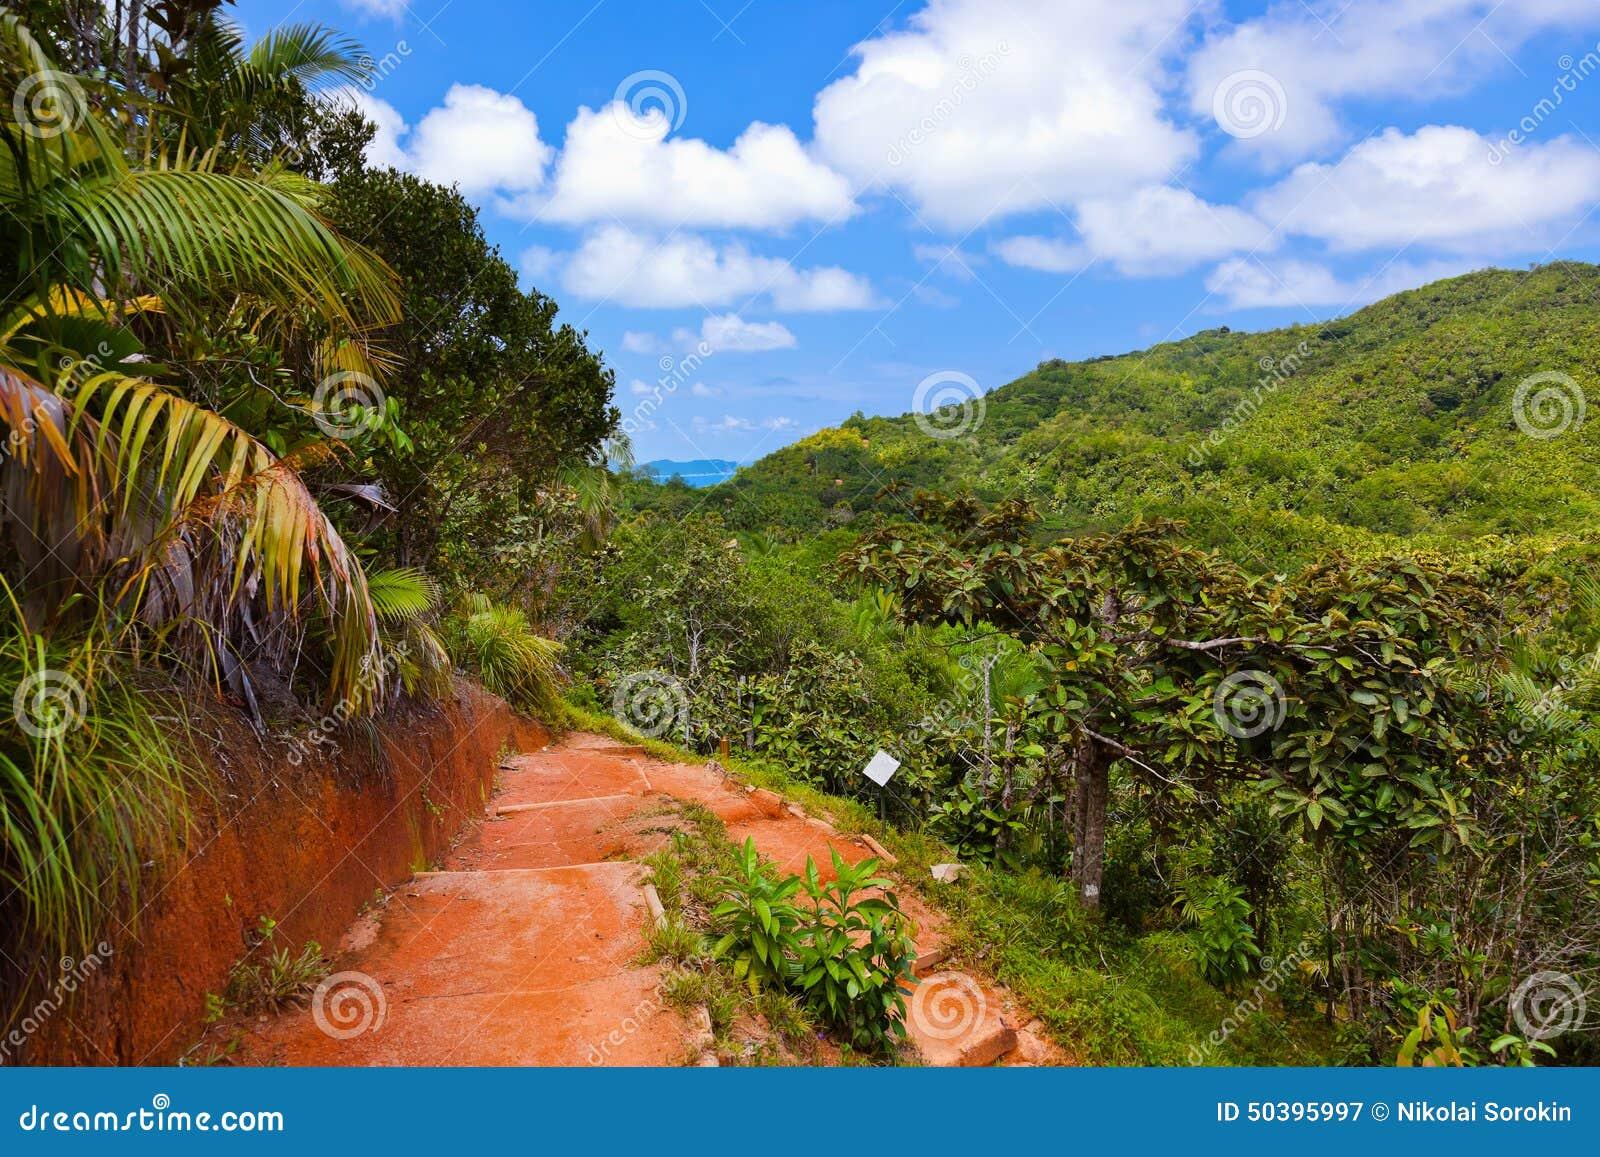 Weg in wildernis - Vallee DE MAI - Seychellen